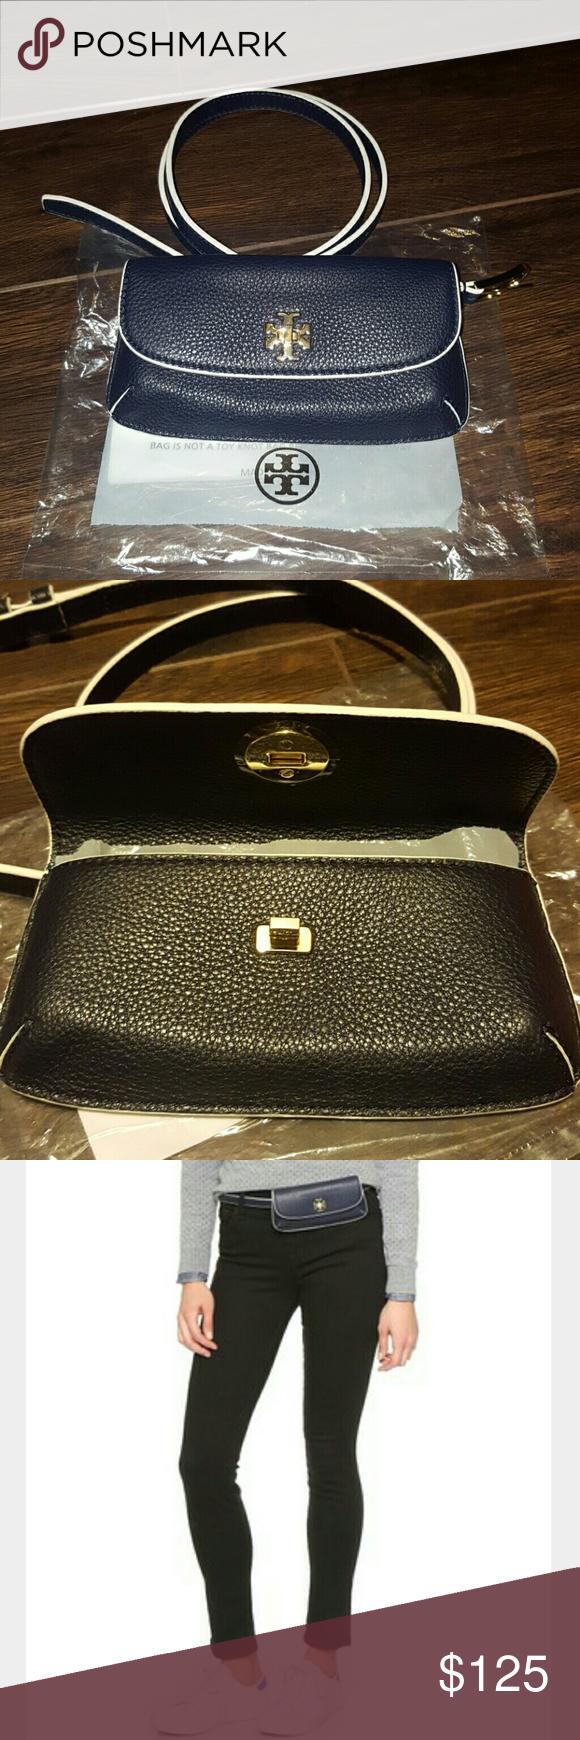 2f8f940d3a44 TORY BURCH Diana Belt Bag Clutch